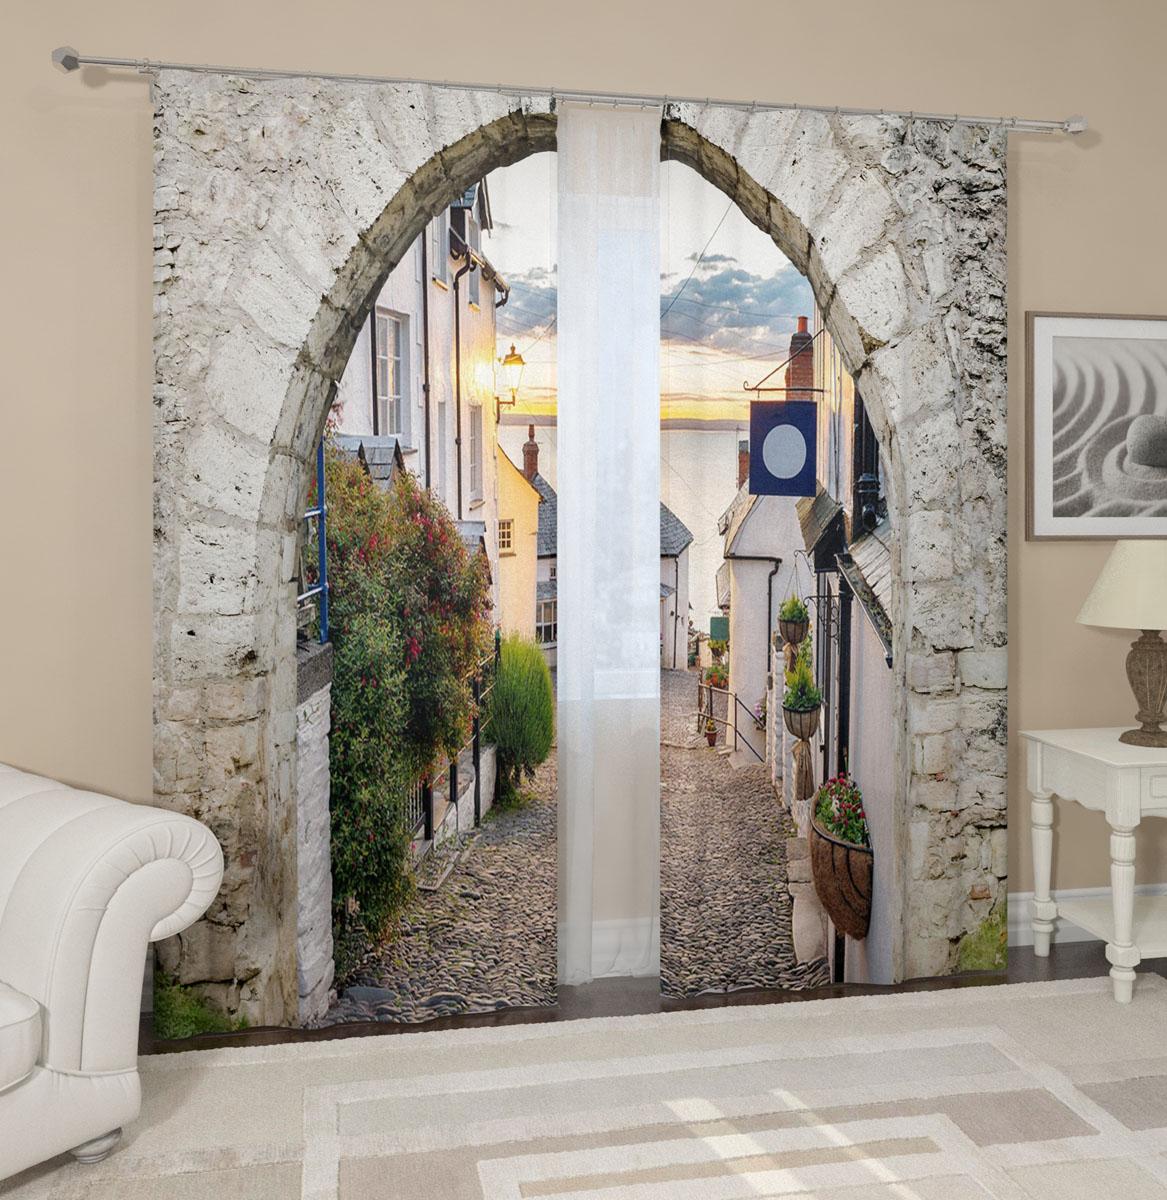 Комплект фотоштор Сирень Каменная арка, на ленте, высота 260 см